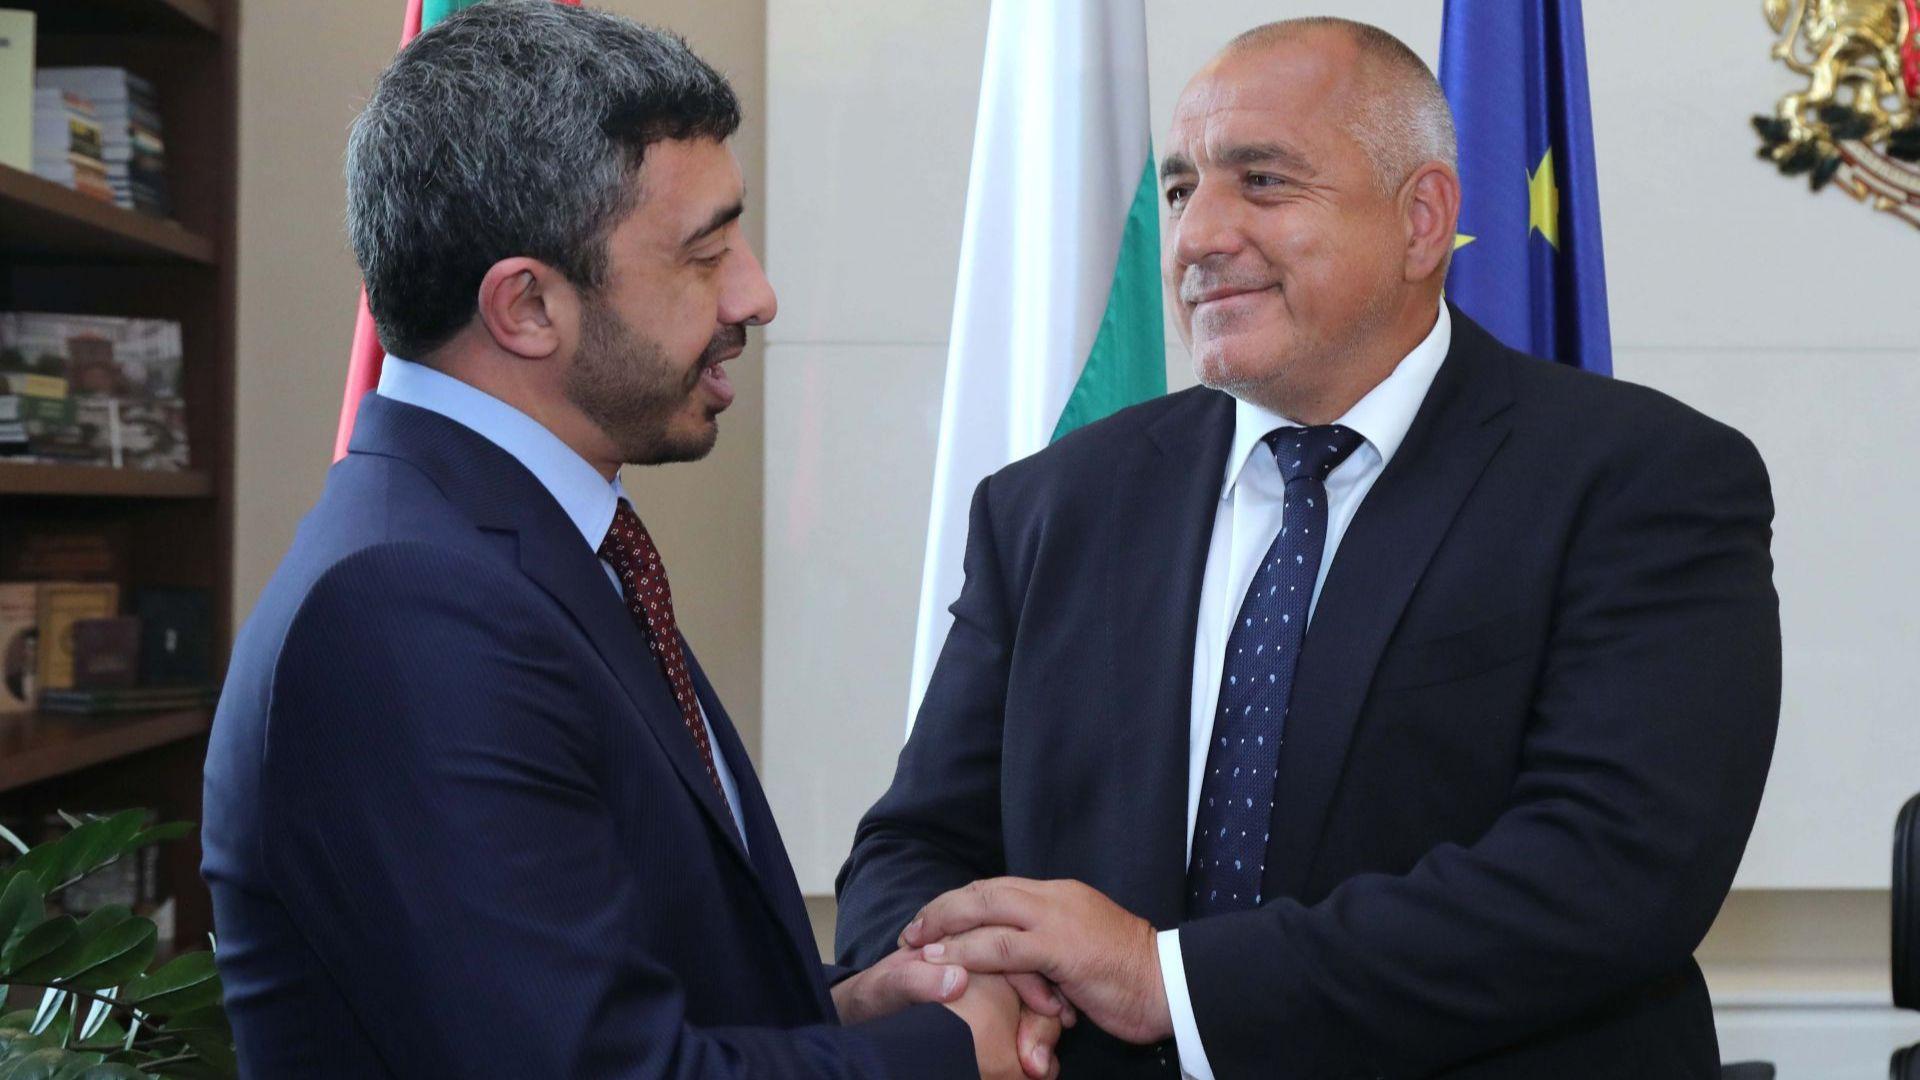 Борисов към министъра на външните работи на ОАЕ: Важно е да продължим активно сътрудничеството си